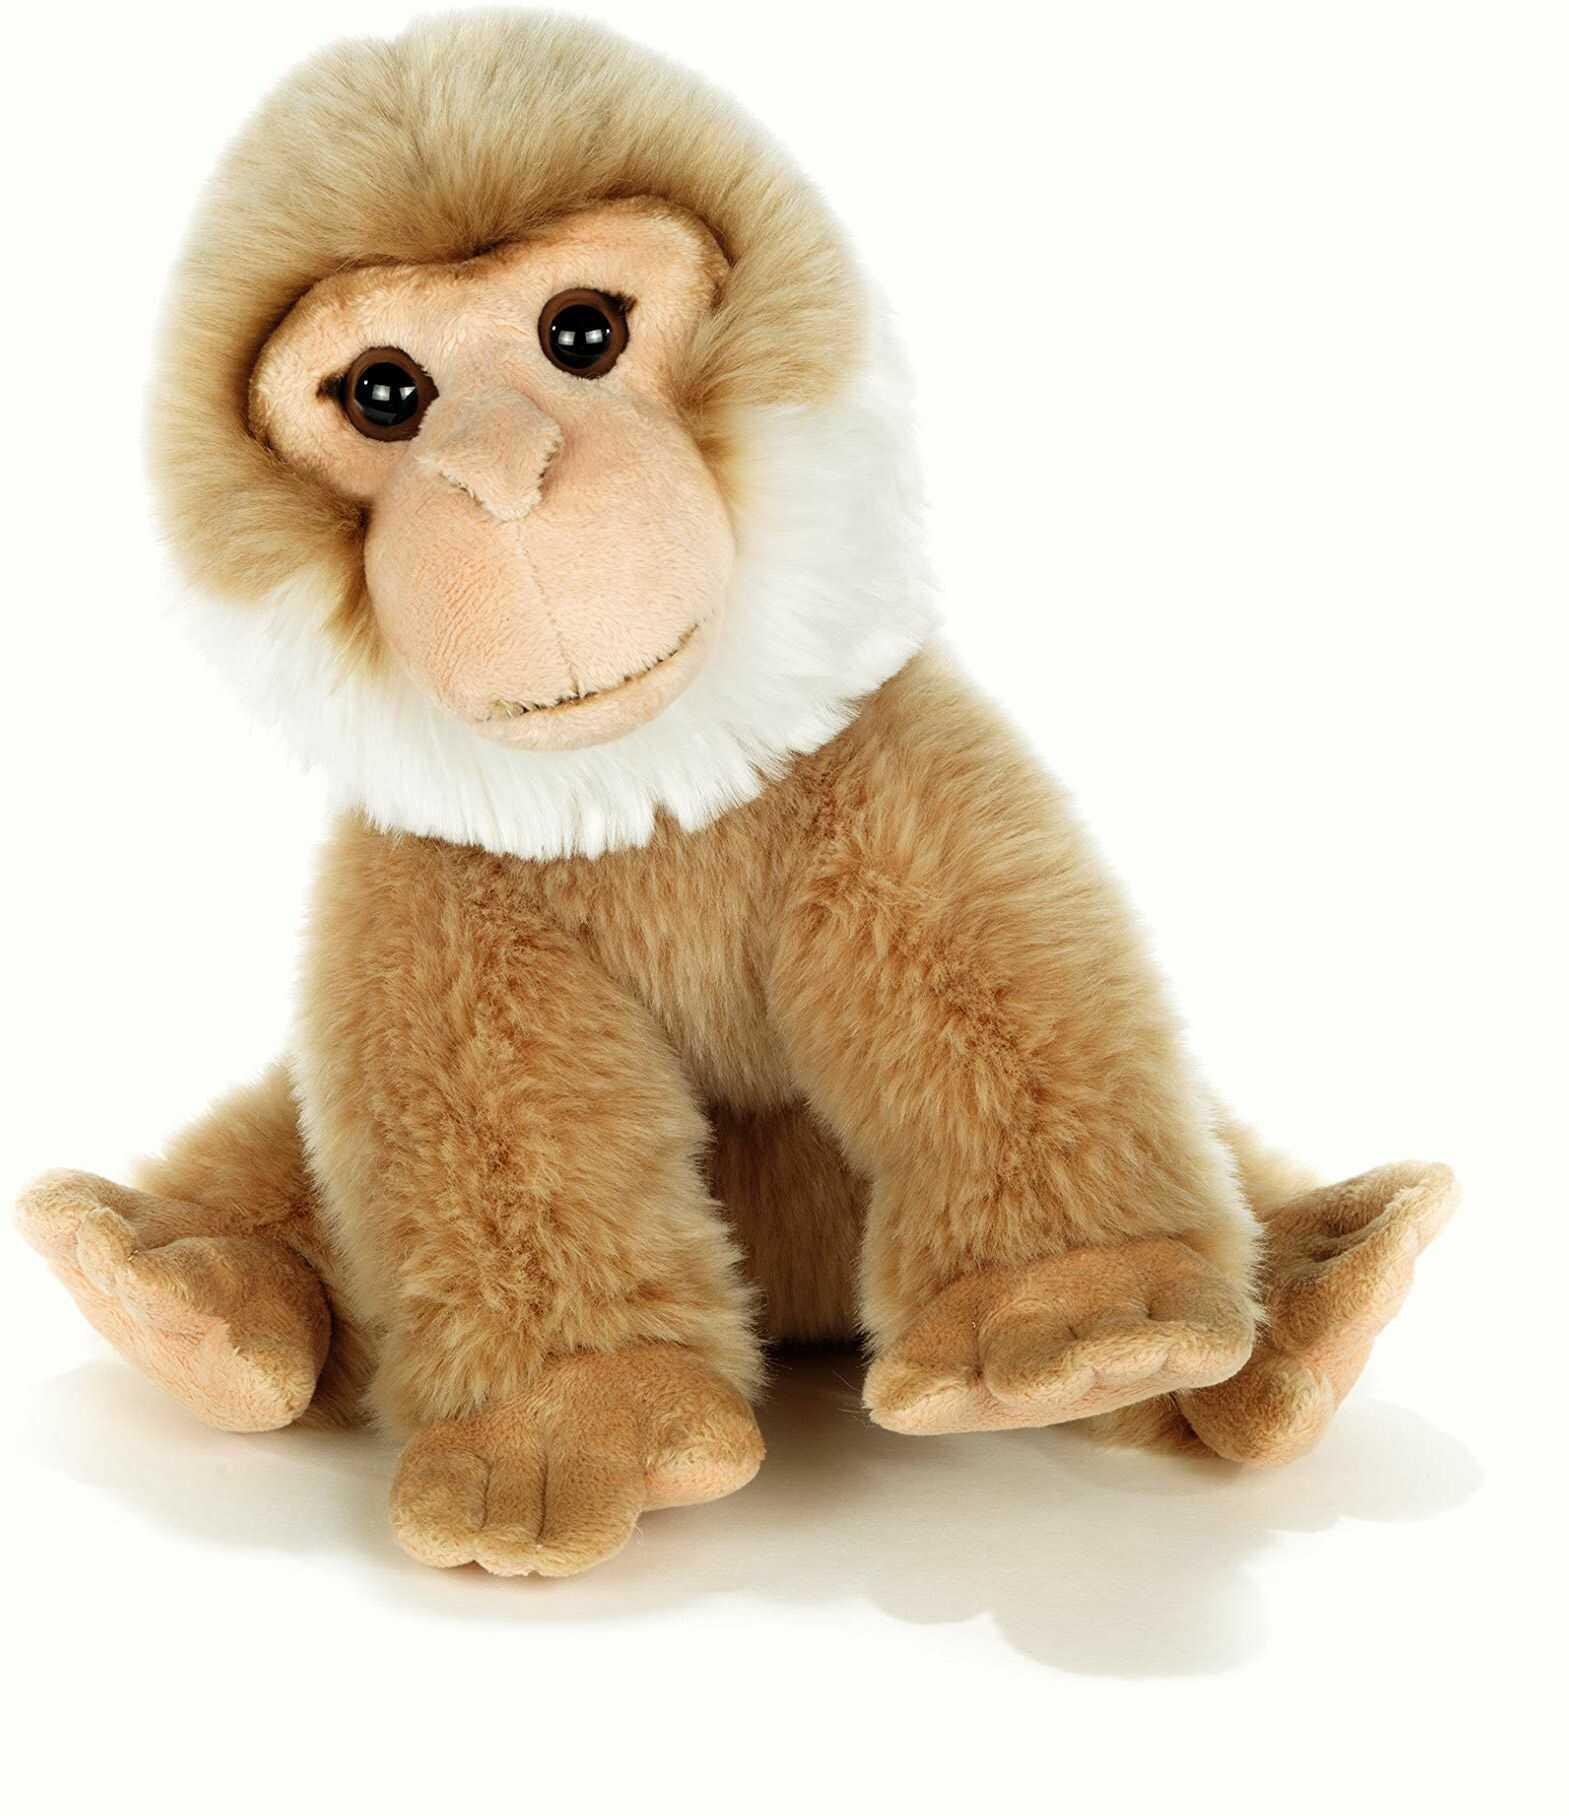 Plush & Company Pluszowy & Company_15882 Magotin-Monkey 30 cm. Wysokość, wielokolorowa